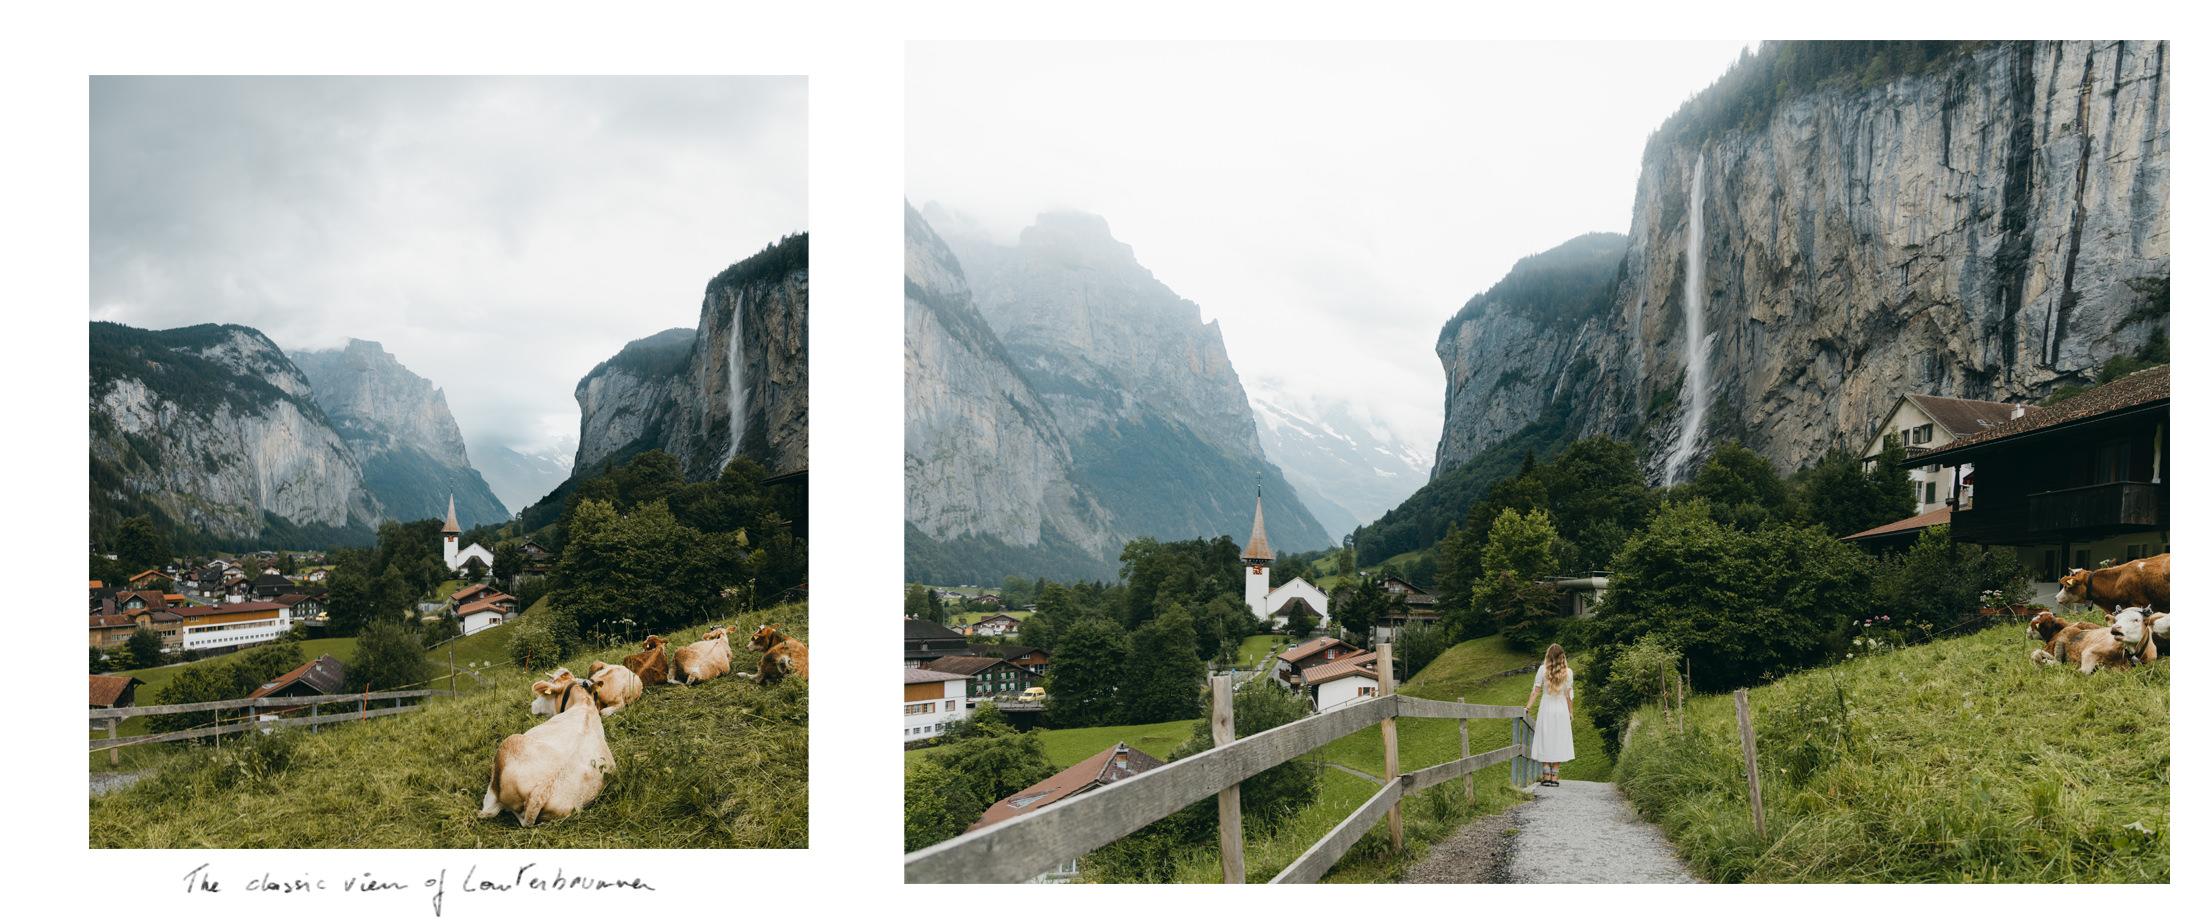 Lauterbrunnen - classical views